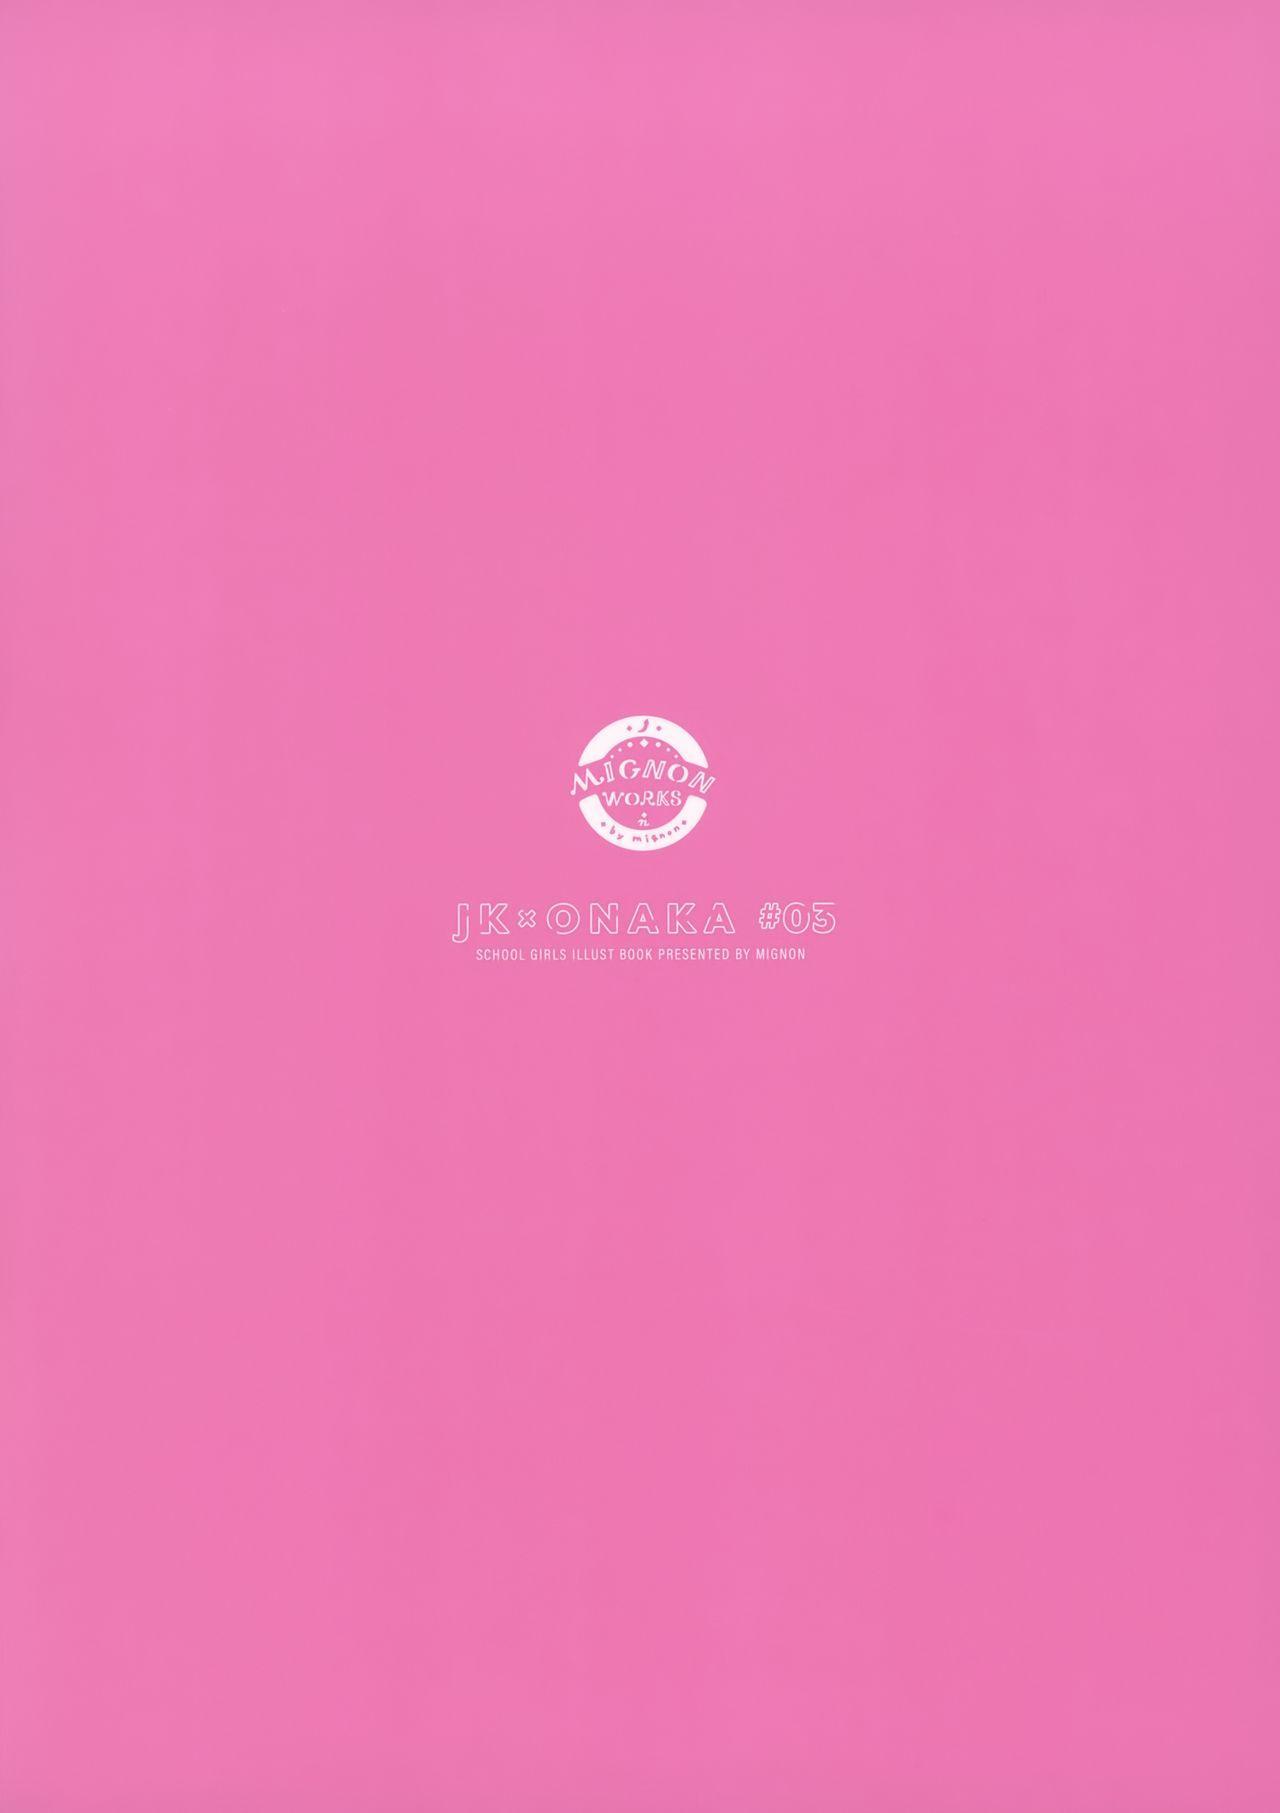 JK x ONAKA #03 21